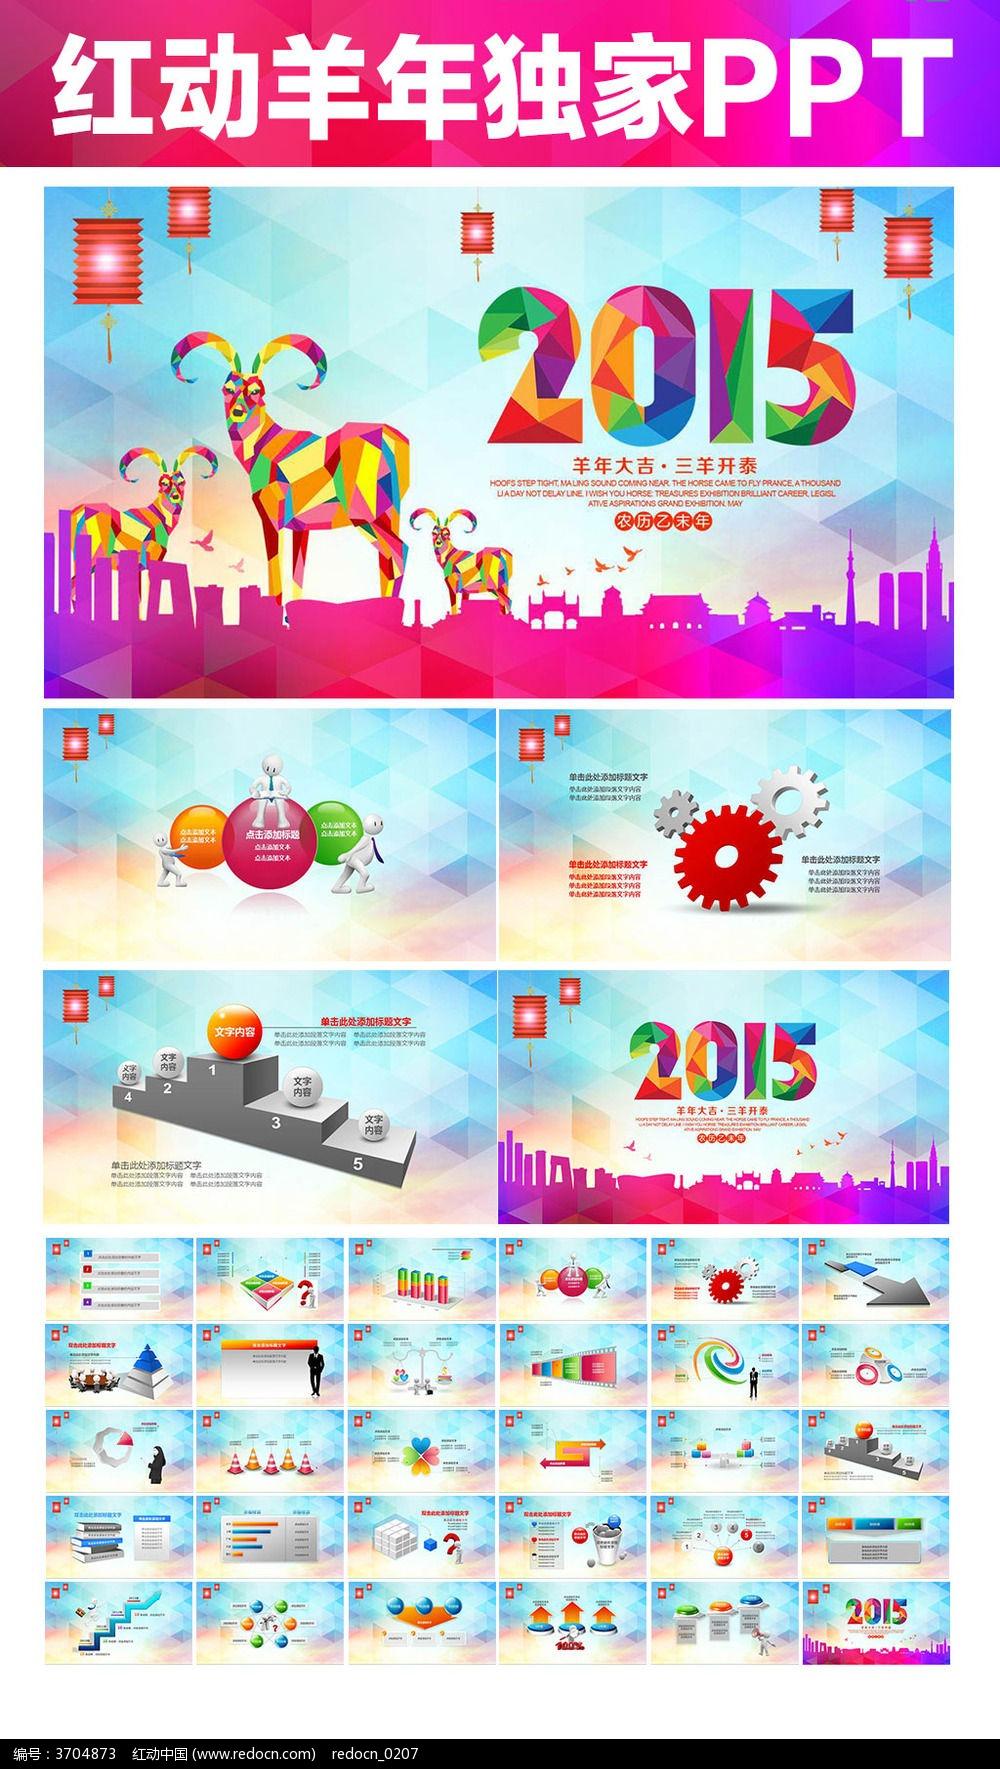 2015羊年年终总结PPT设计图片